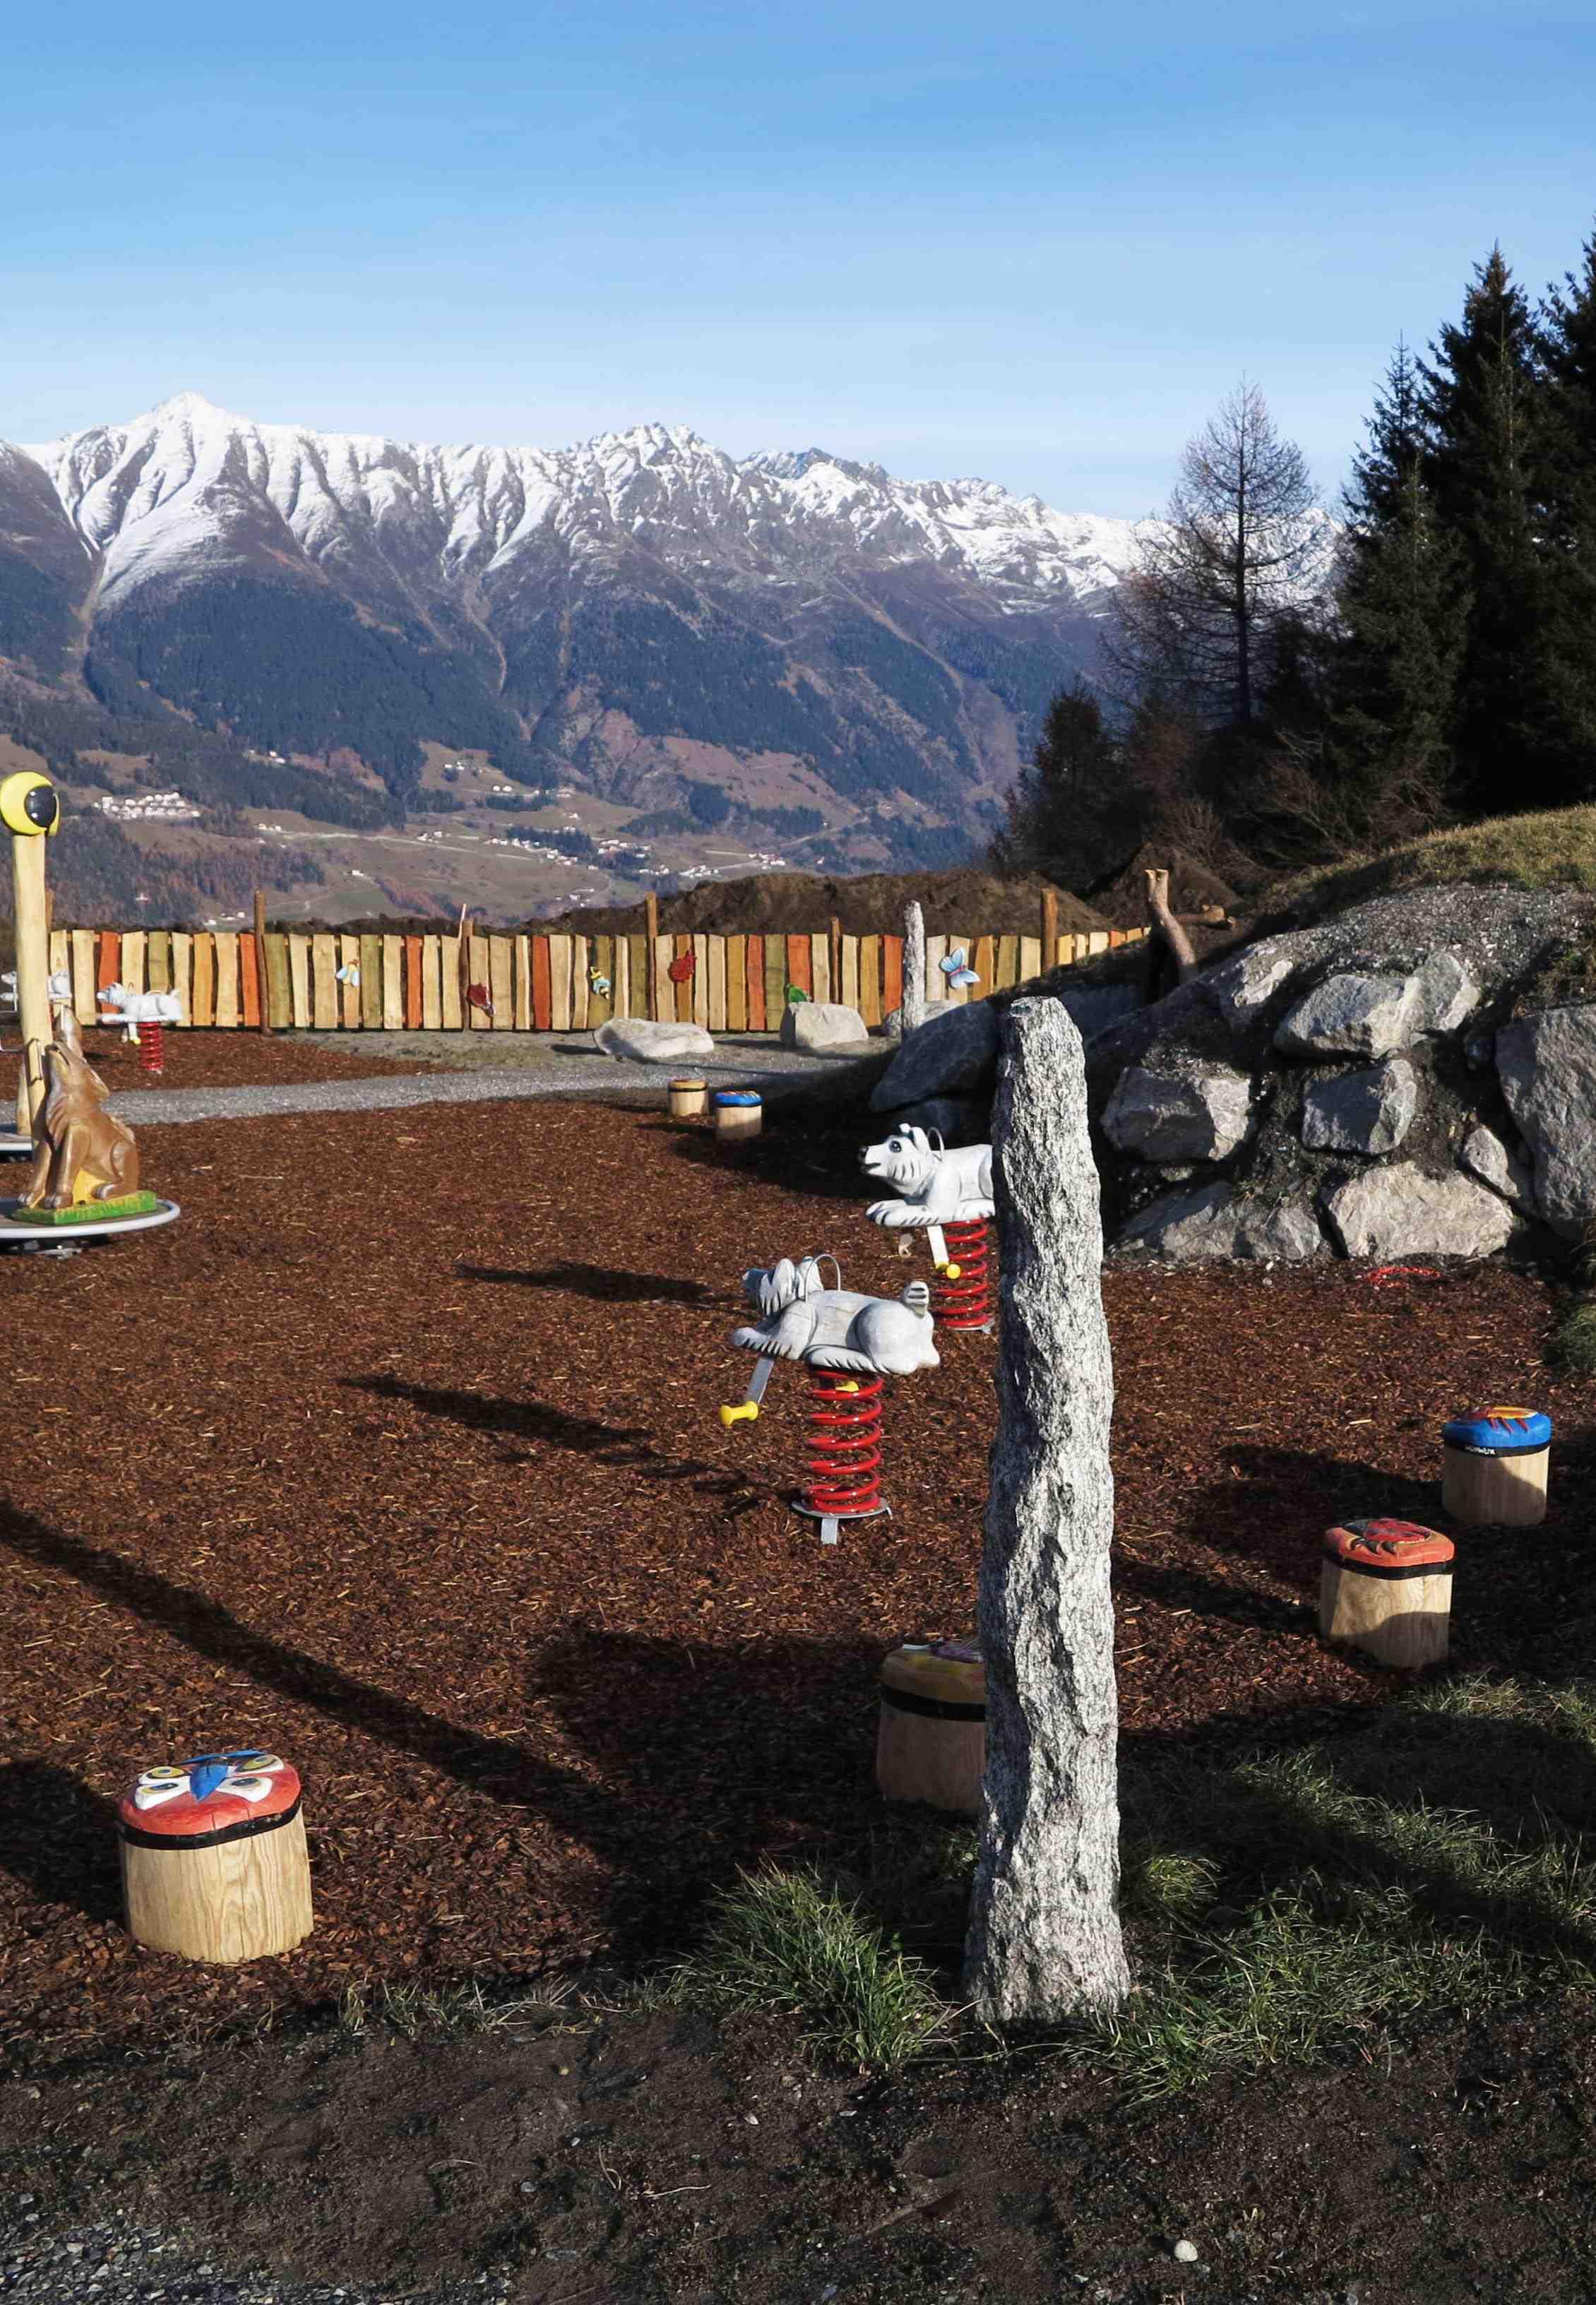 Hier können die Outdoor Kinder nach Herzenslust vor einer tollen Bergkulisse im Sommerurlaub spielen: Der Wolfsee.  Foto: (c) peter mertz